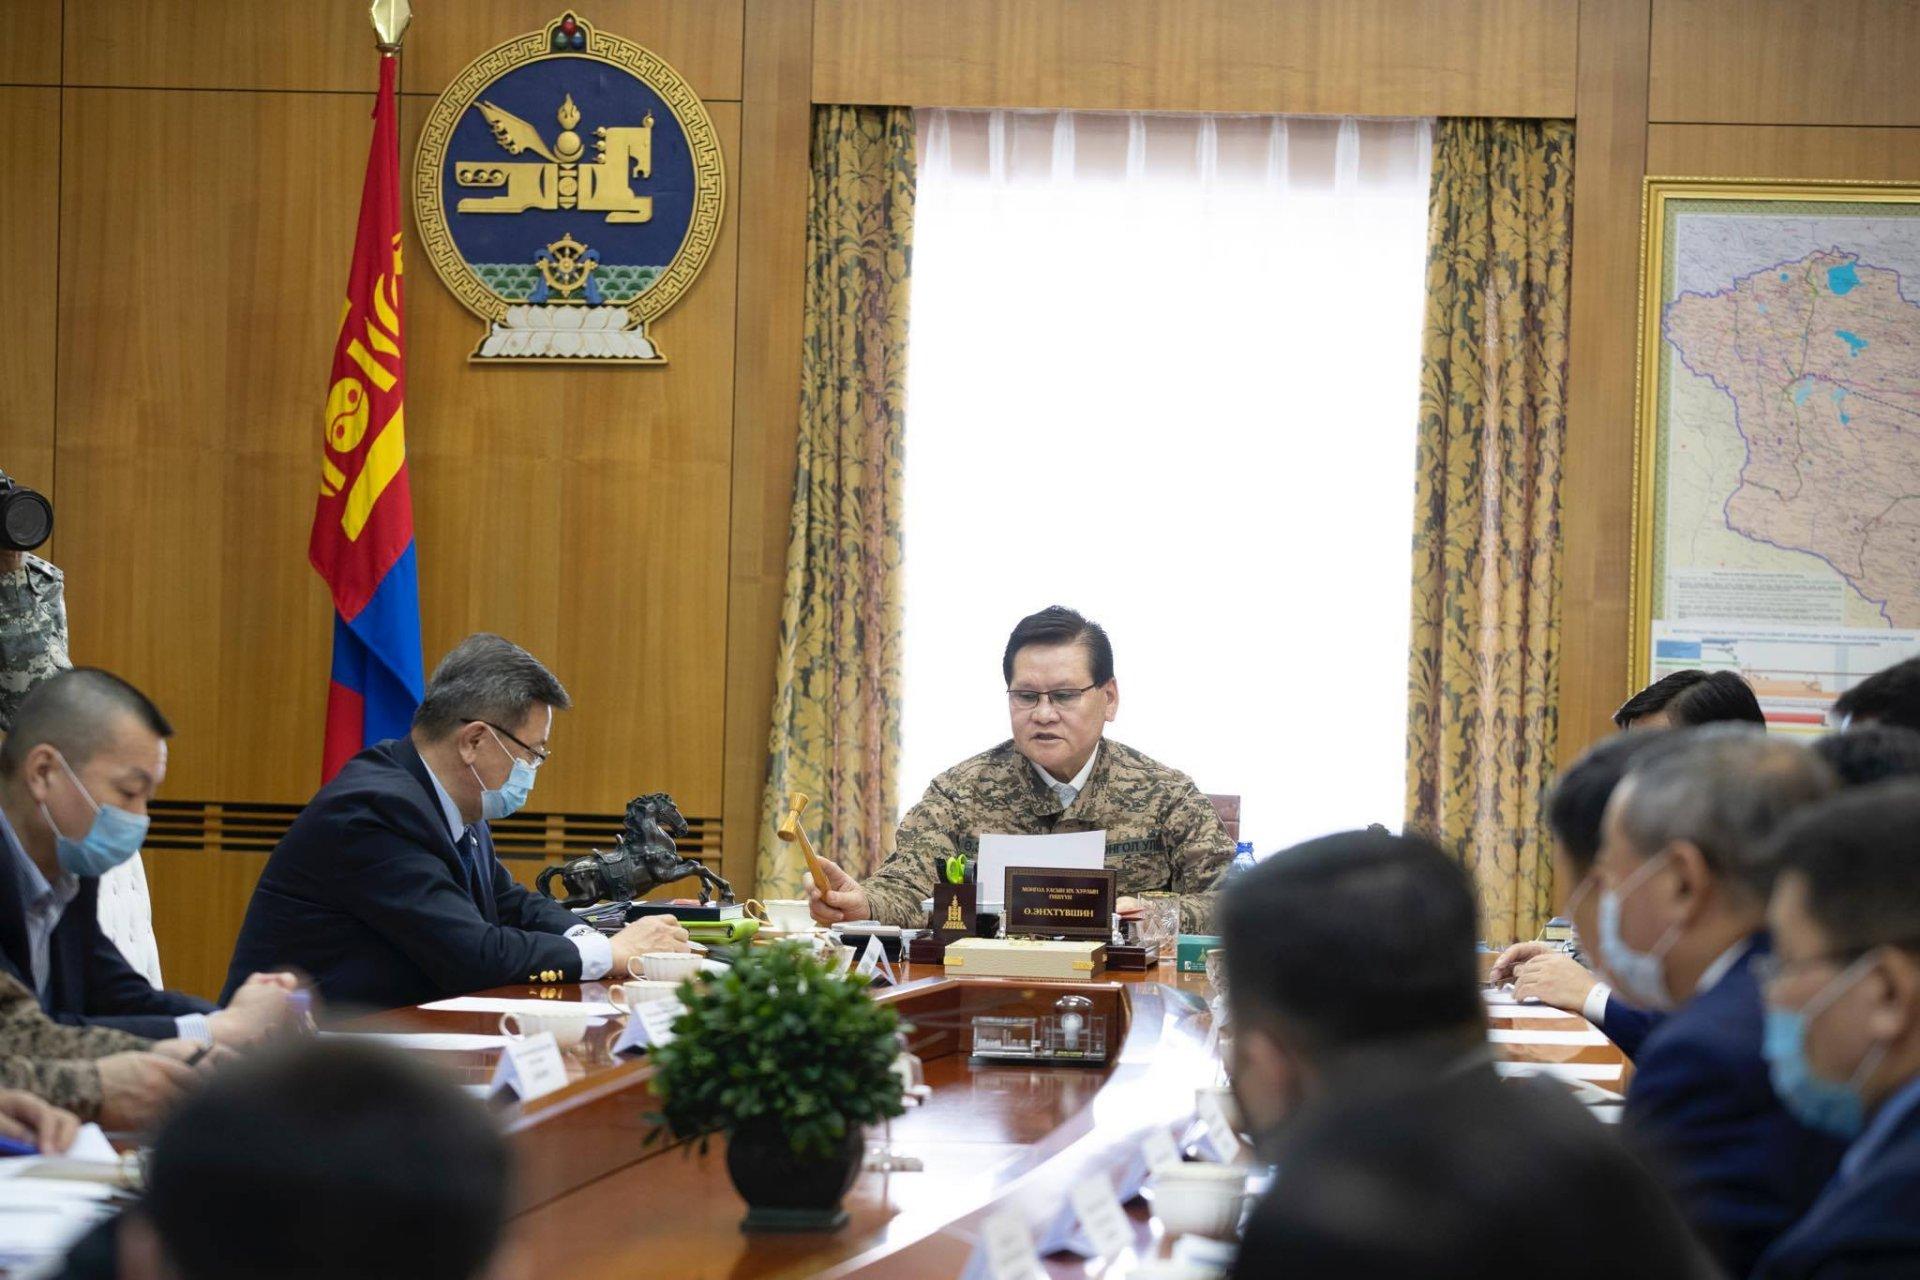 Монгол Улсад ажилладаг Бүгд Найрамдах Франц Улсын иргэнээс Шинэ коронавирусийн халдвар илэрчээ